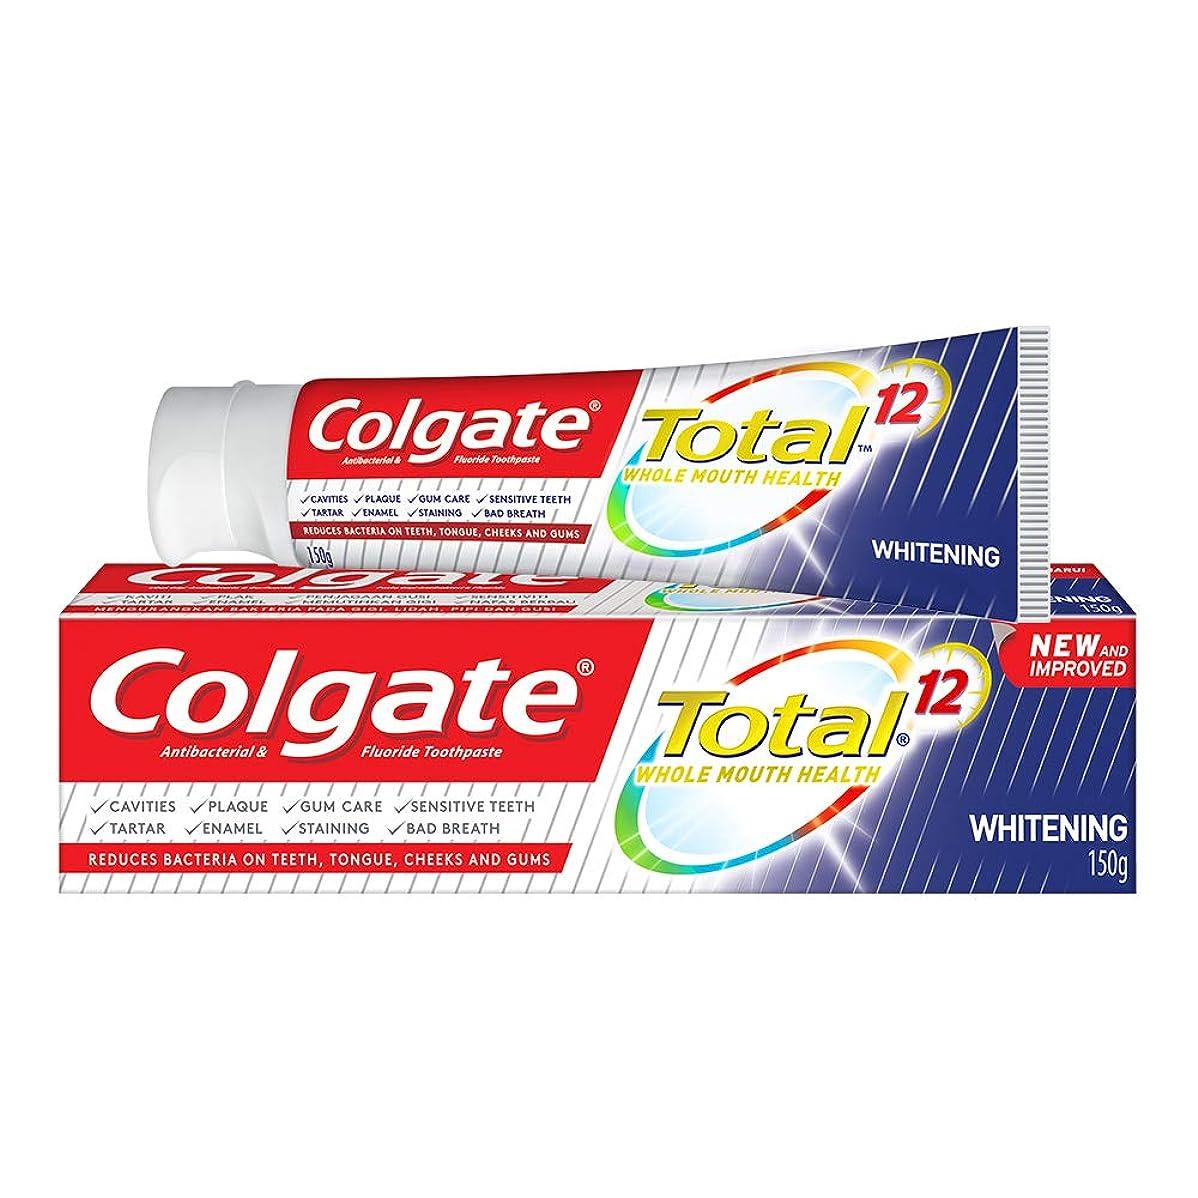 東与える円形の(コルゲート)Colgate 歯磨き粉 Total (150g, ホールマウスヘルス)